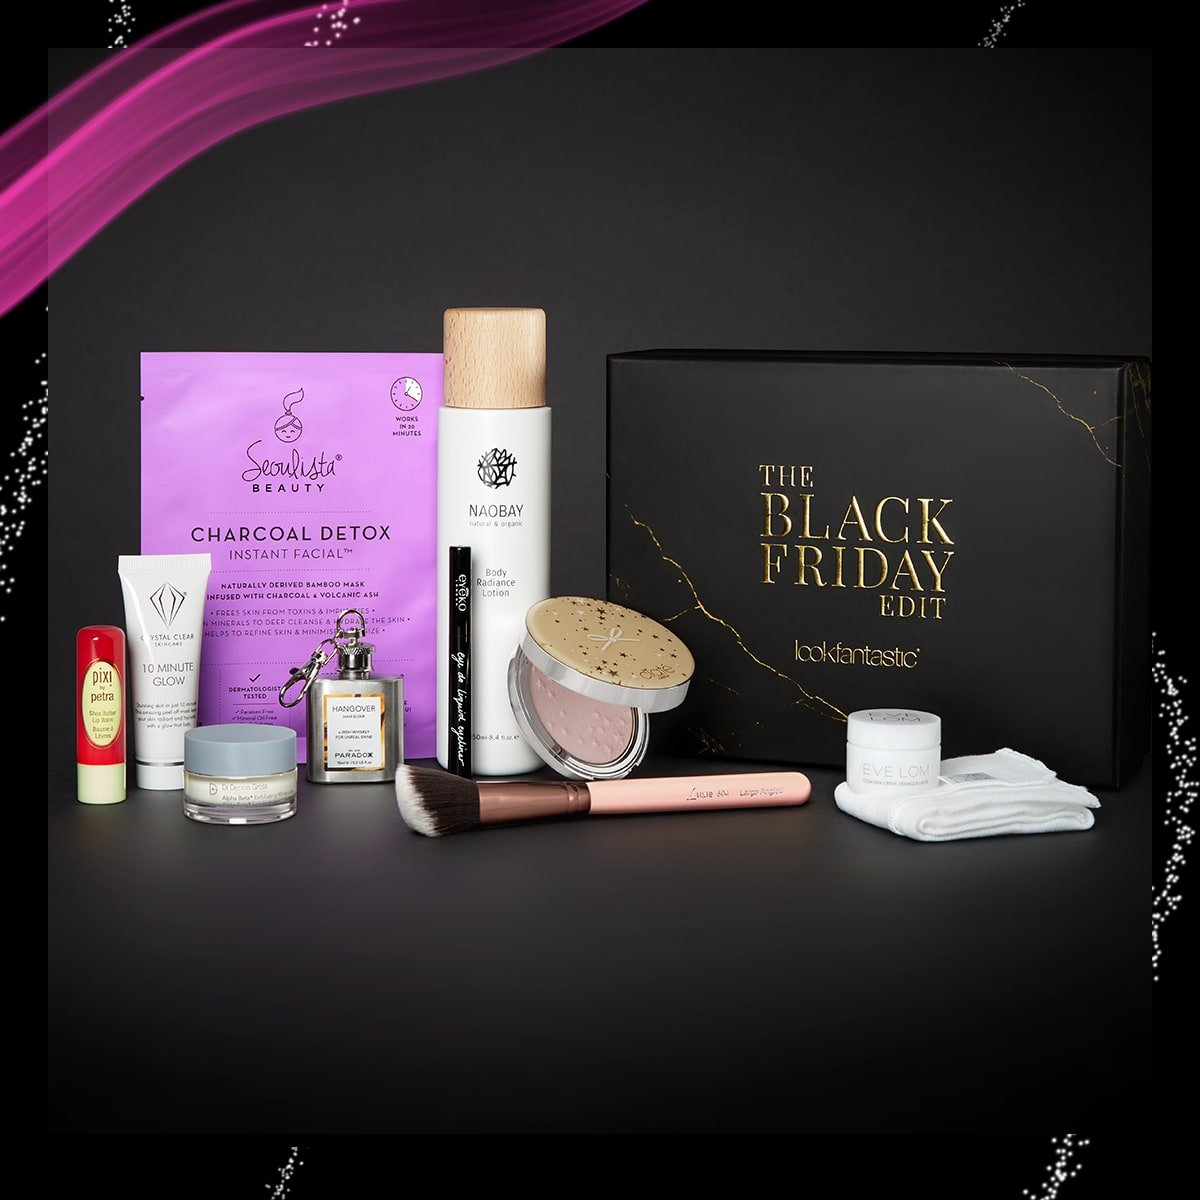 Introducing The Black Friday Edit lookfantastic Beauty Box